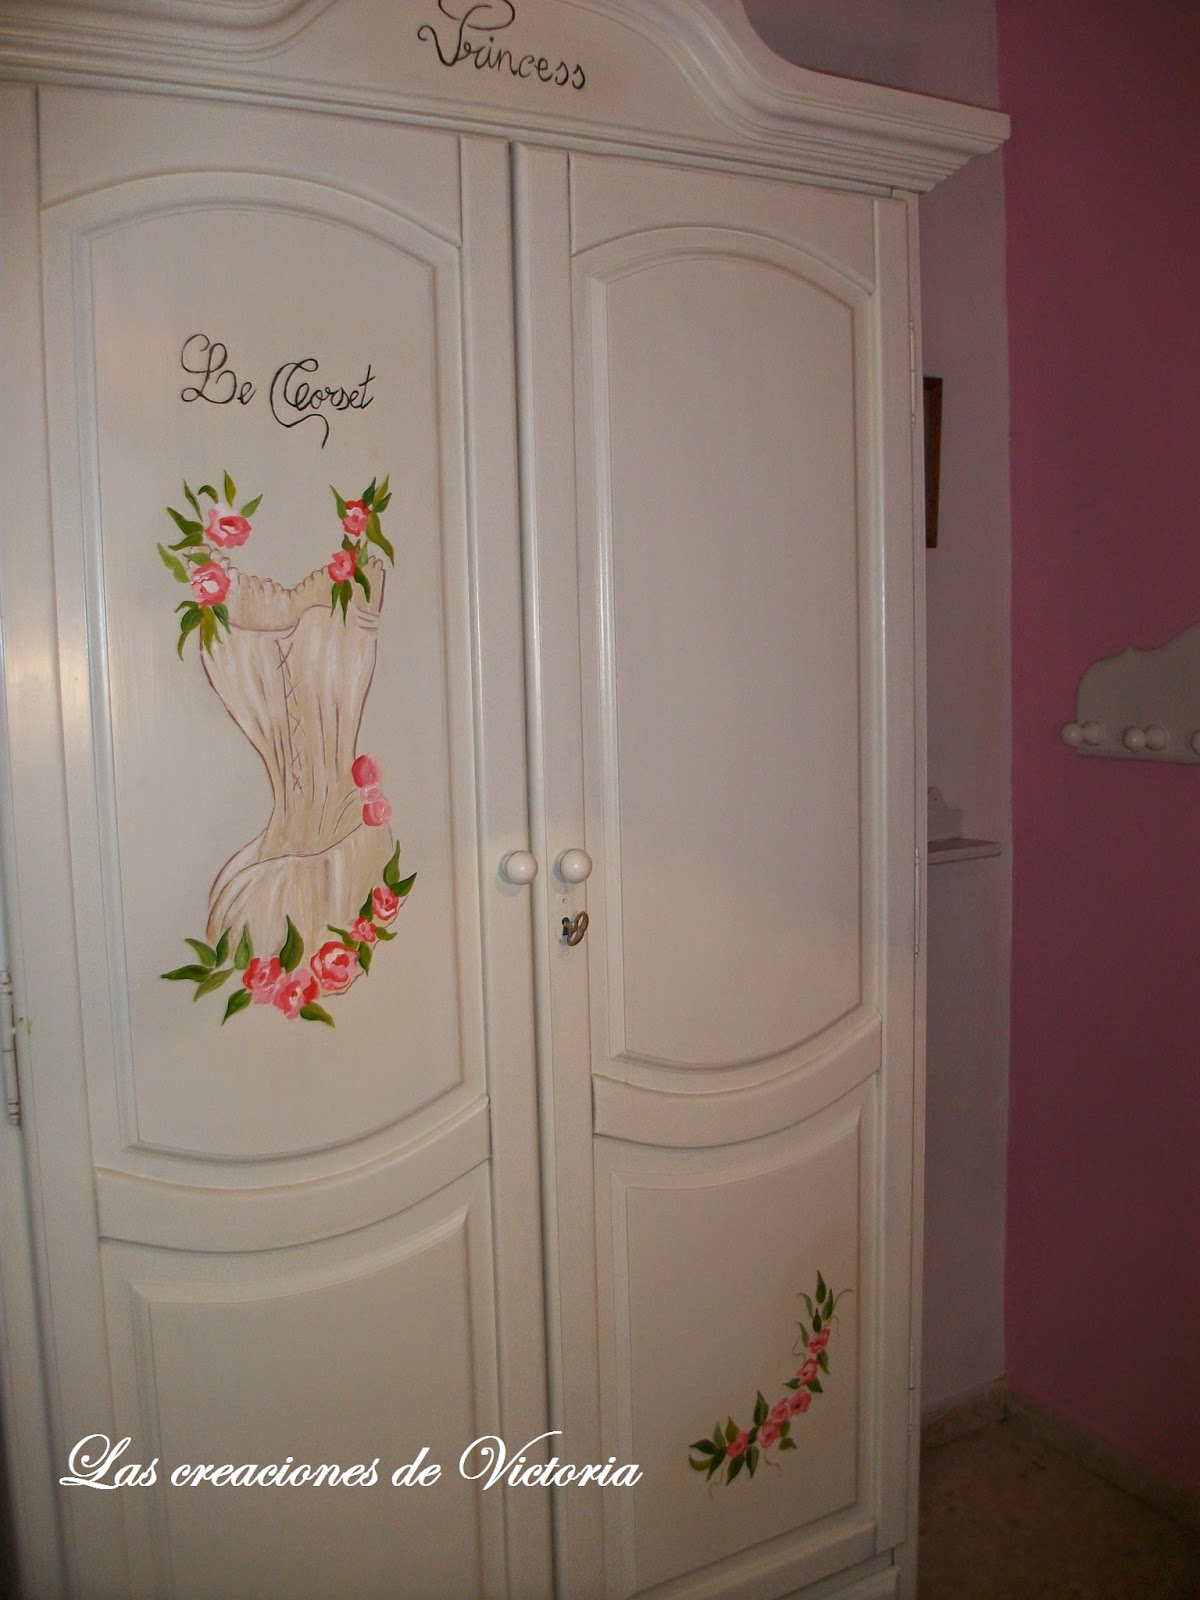 Las creaciones de Victoria.Pintar dosel. Redecorar muebles de madera.Pintura alzada corset.